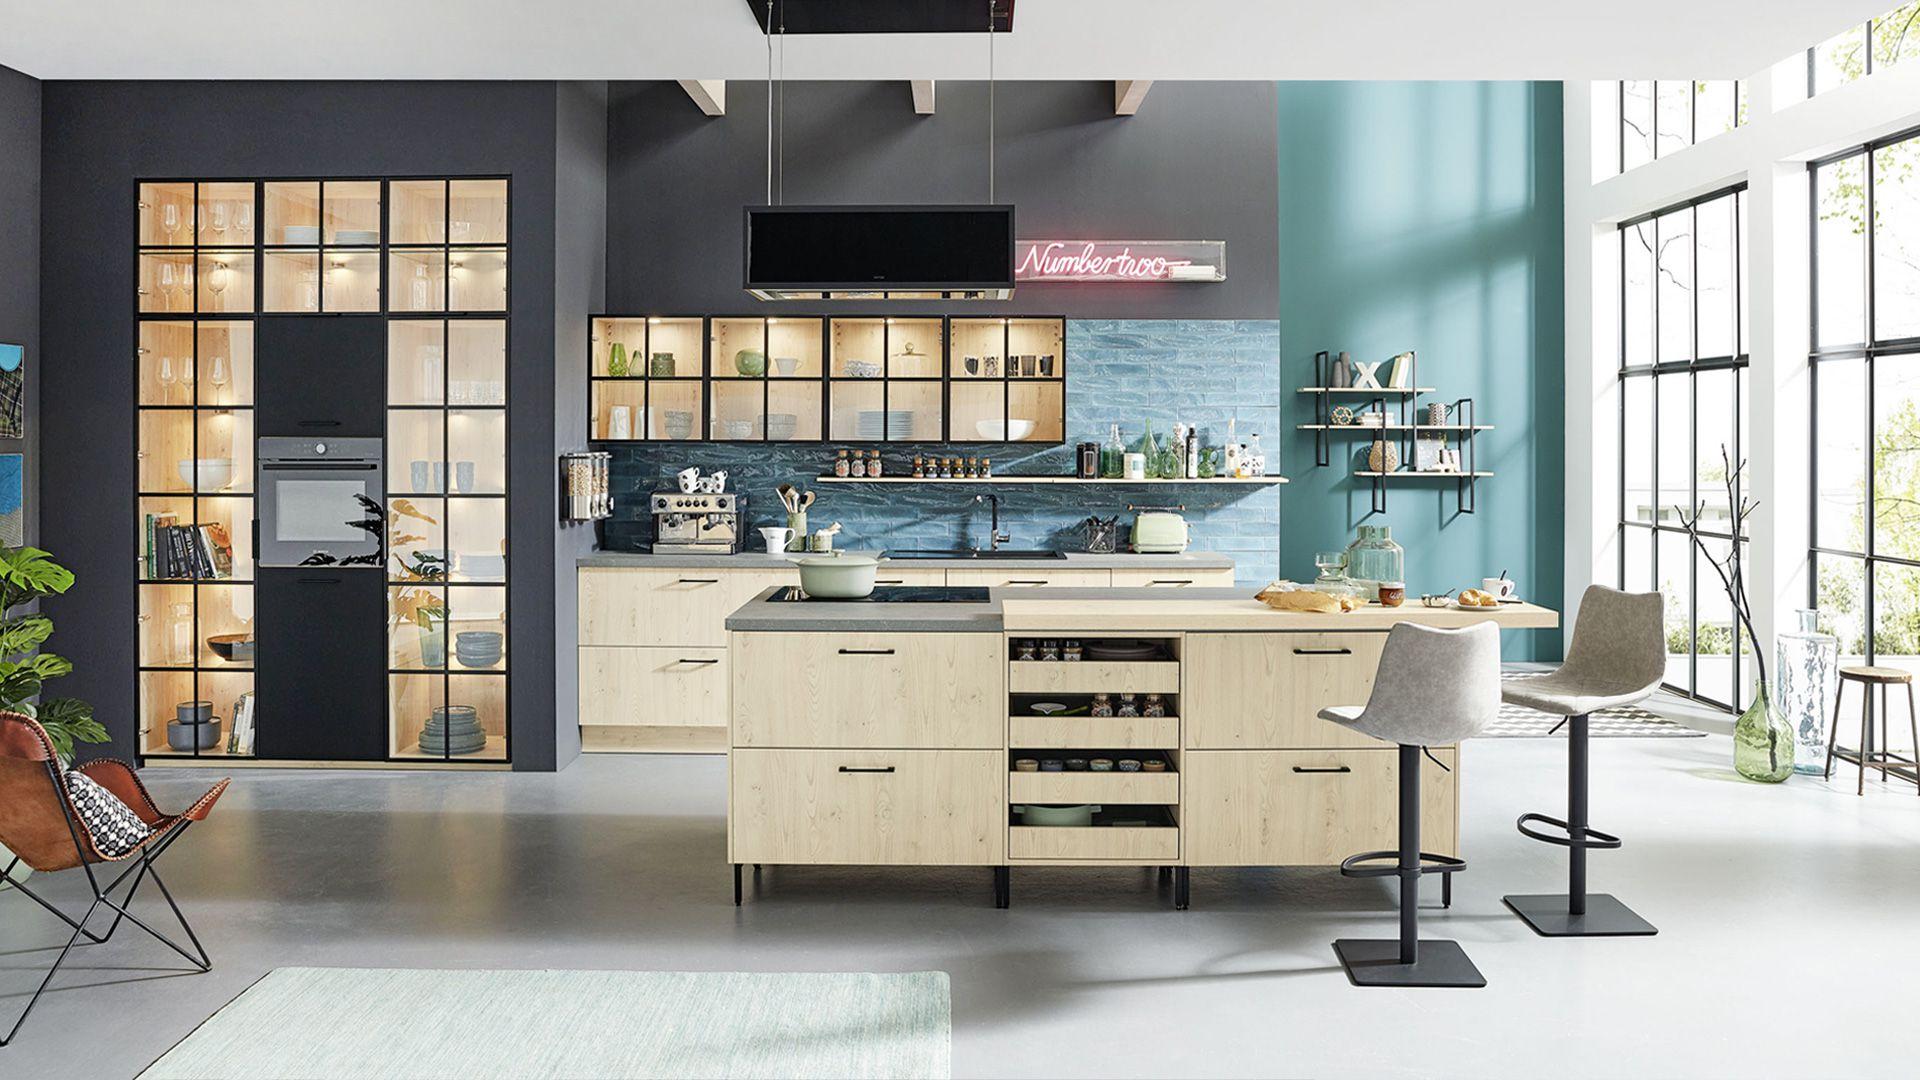 Full Size of Startseite Ballerina Kchen Finden Sie Ihre Traumkche Küchen Regal Wohnzimmer Küchen